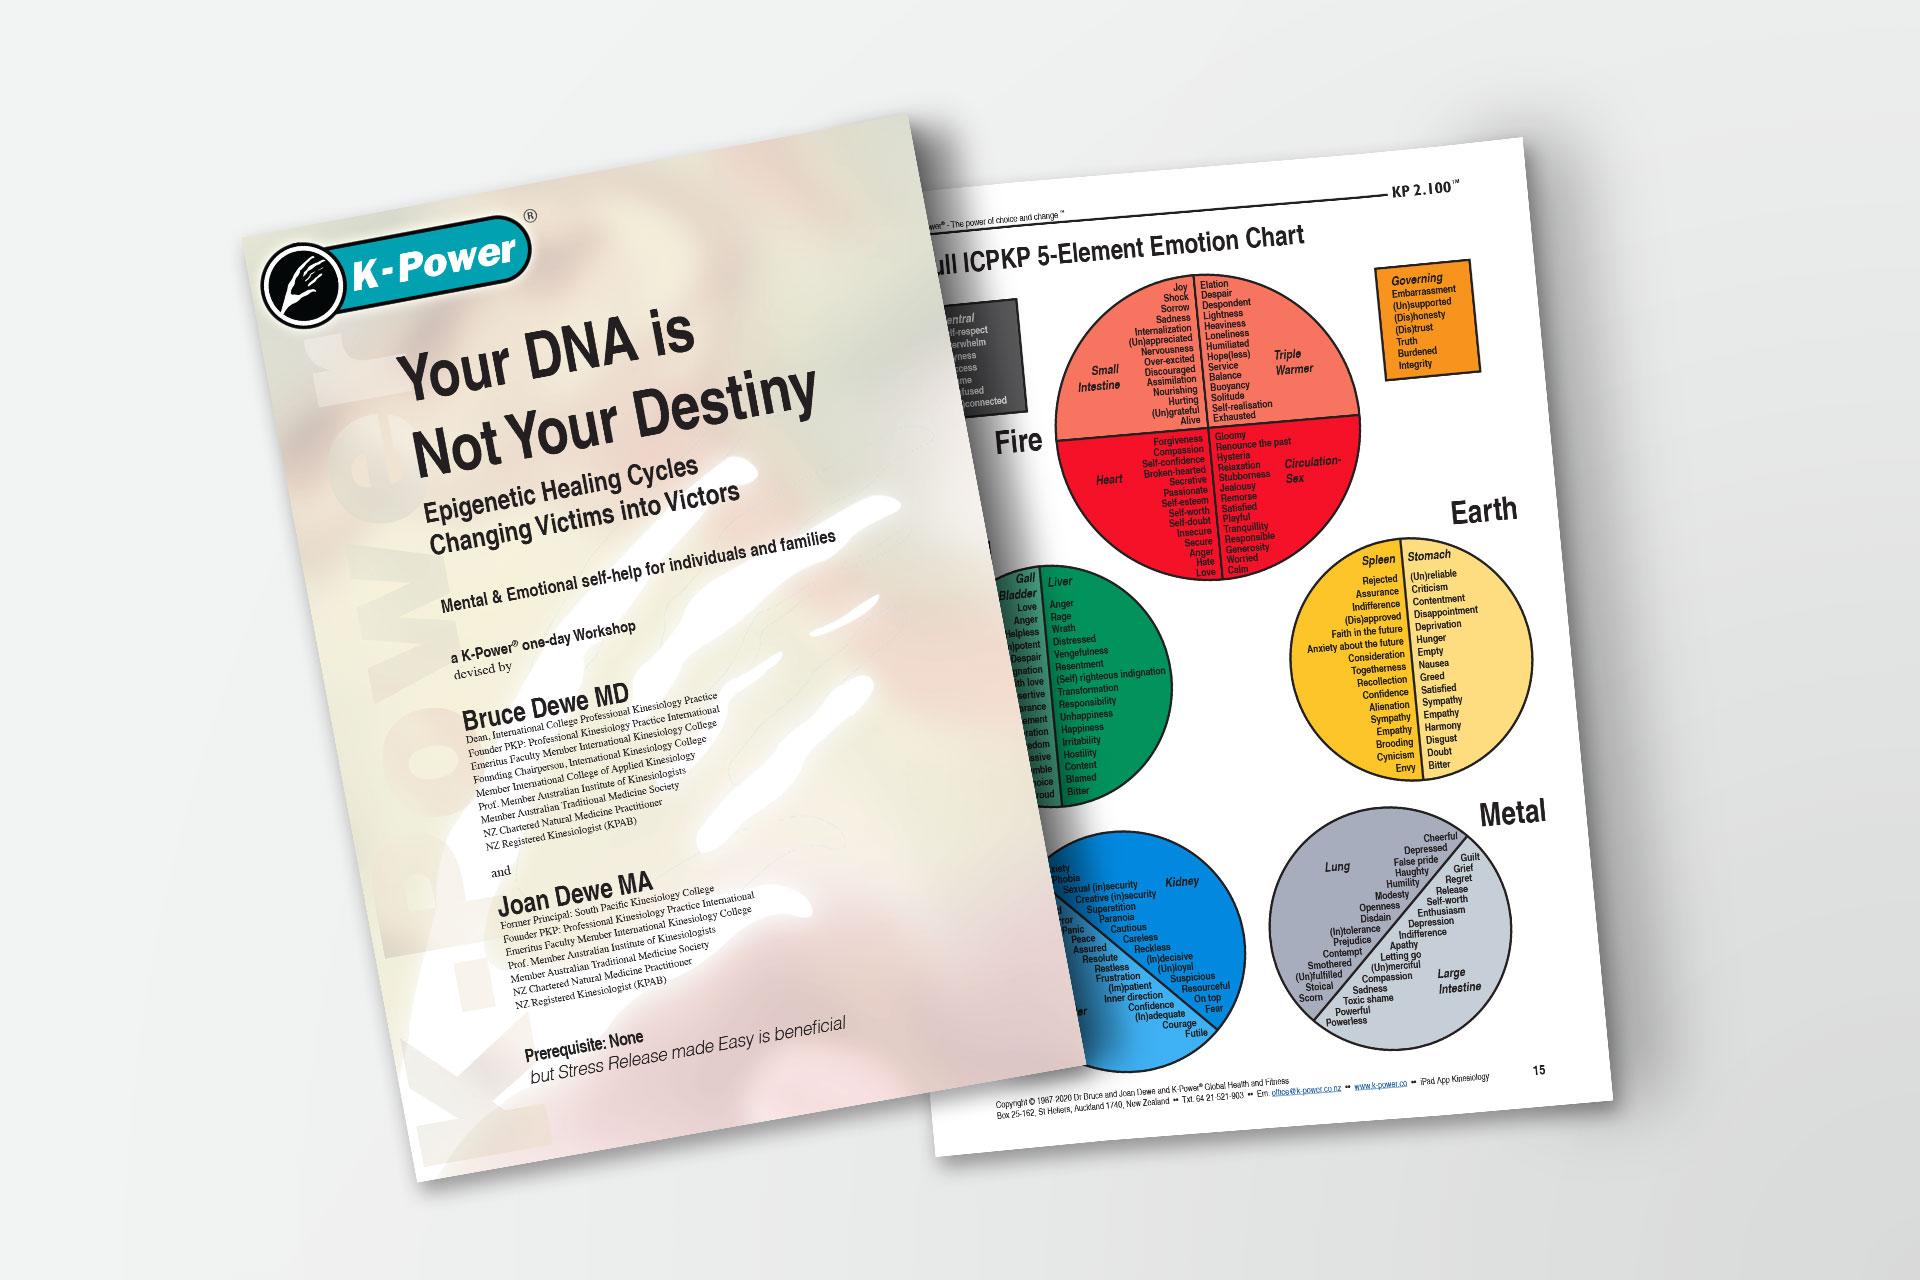 Dna destiny essays resume for shoppers drug mart